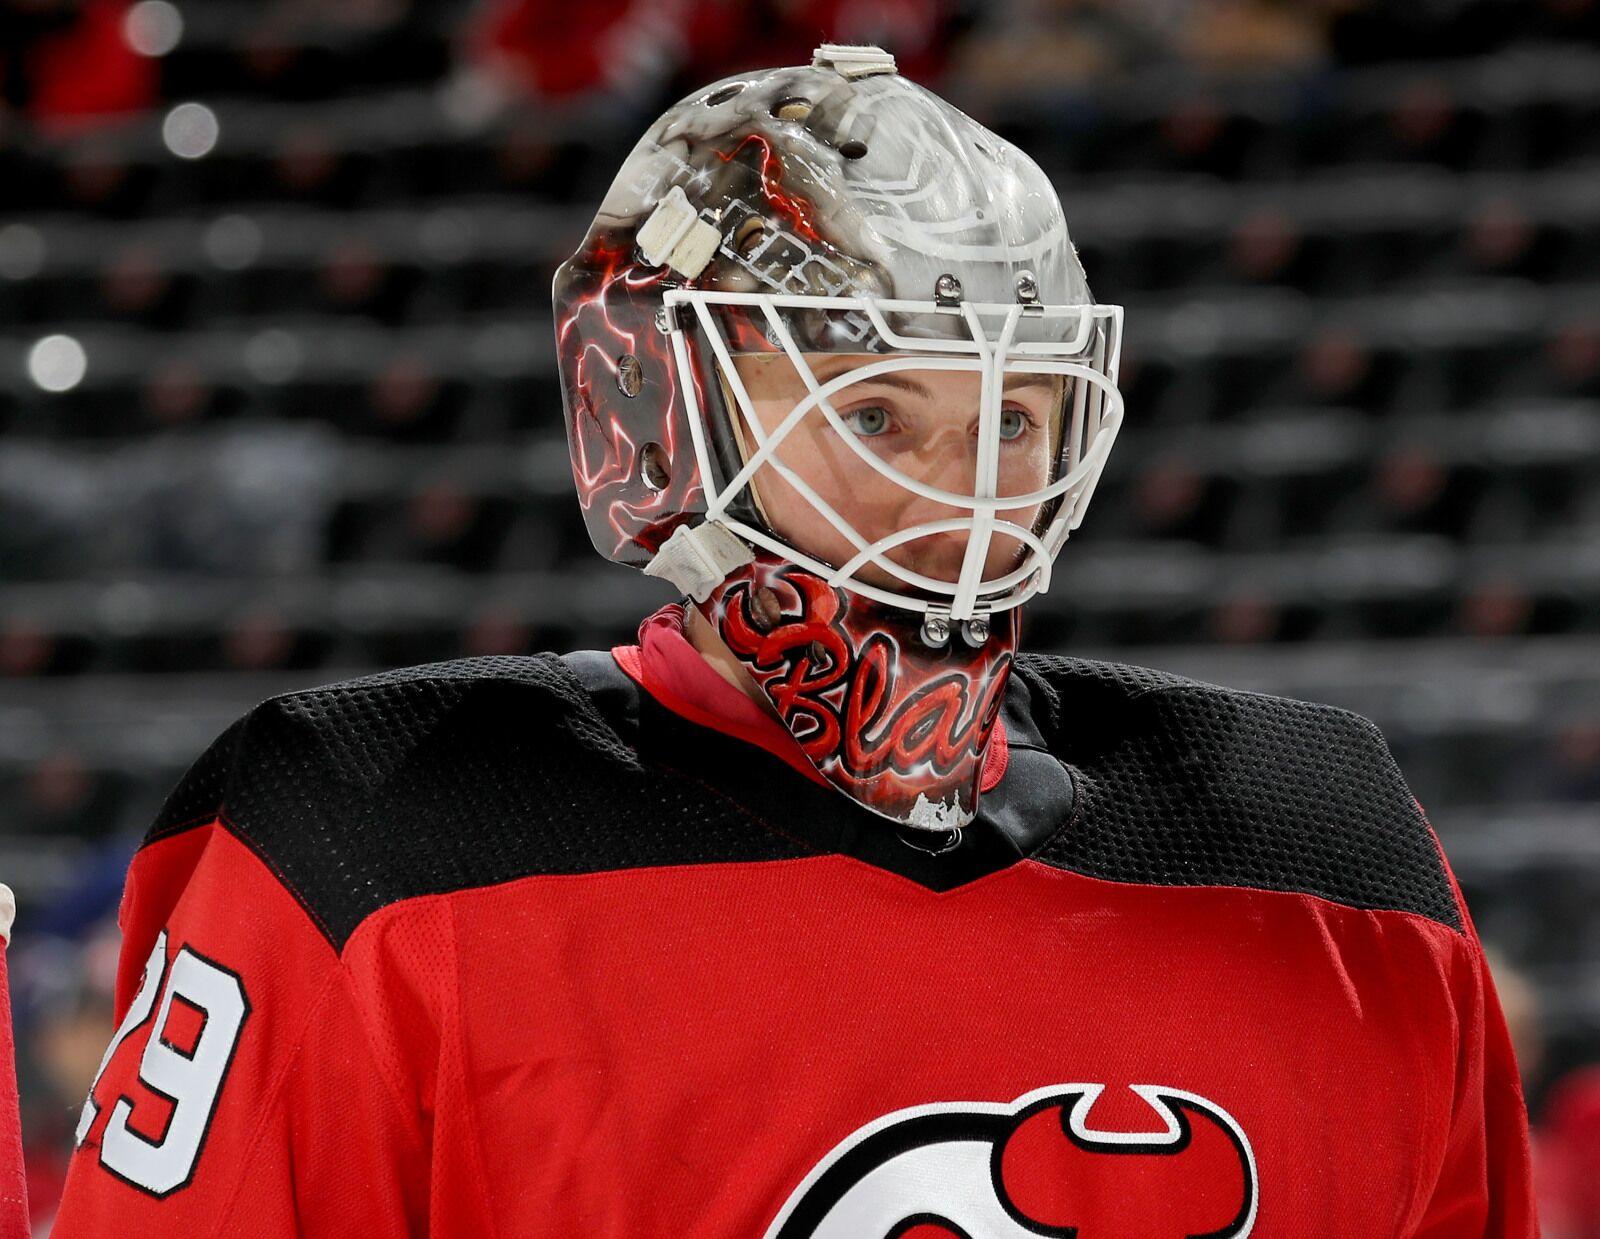 New Jersey Devils: MacKenzie Blackwood Is In A Good Spot